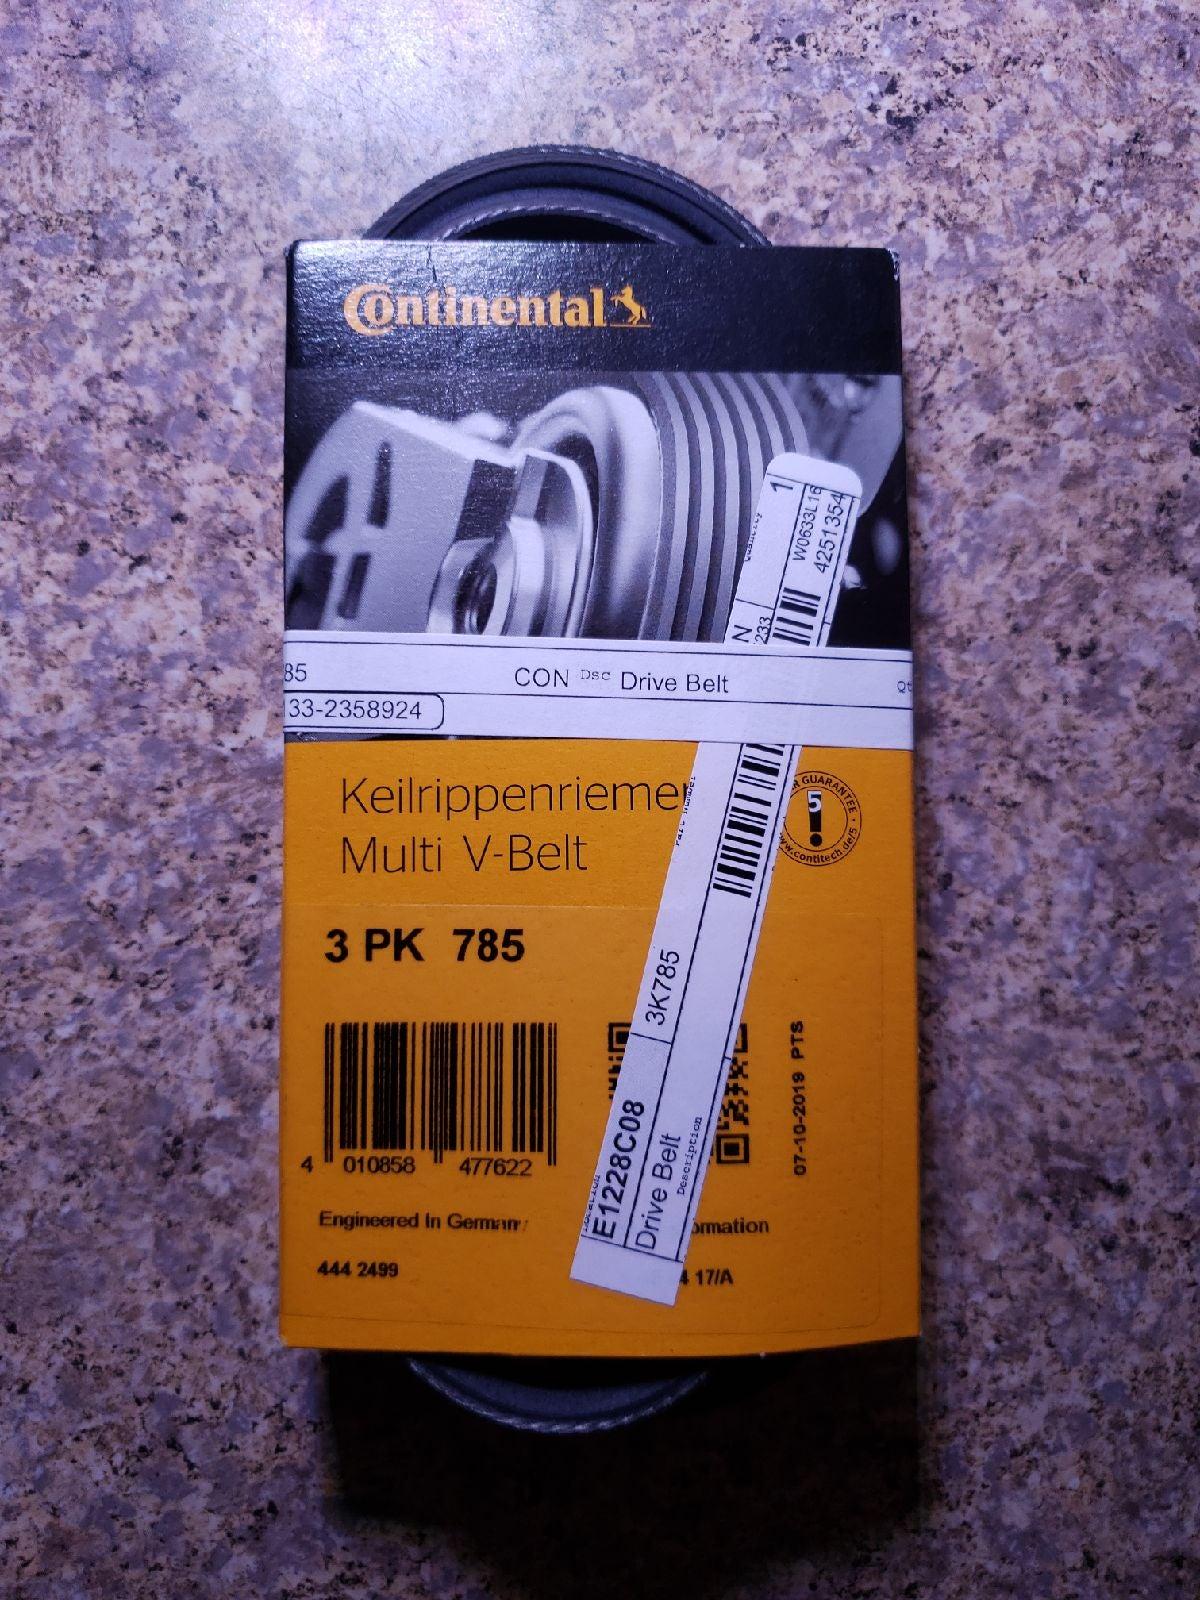 Keilrippenreimeter multi v-belt